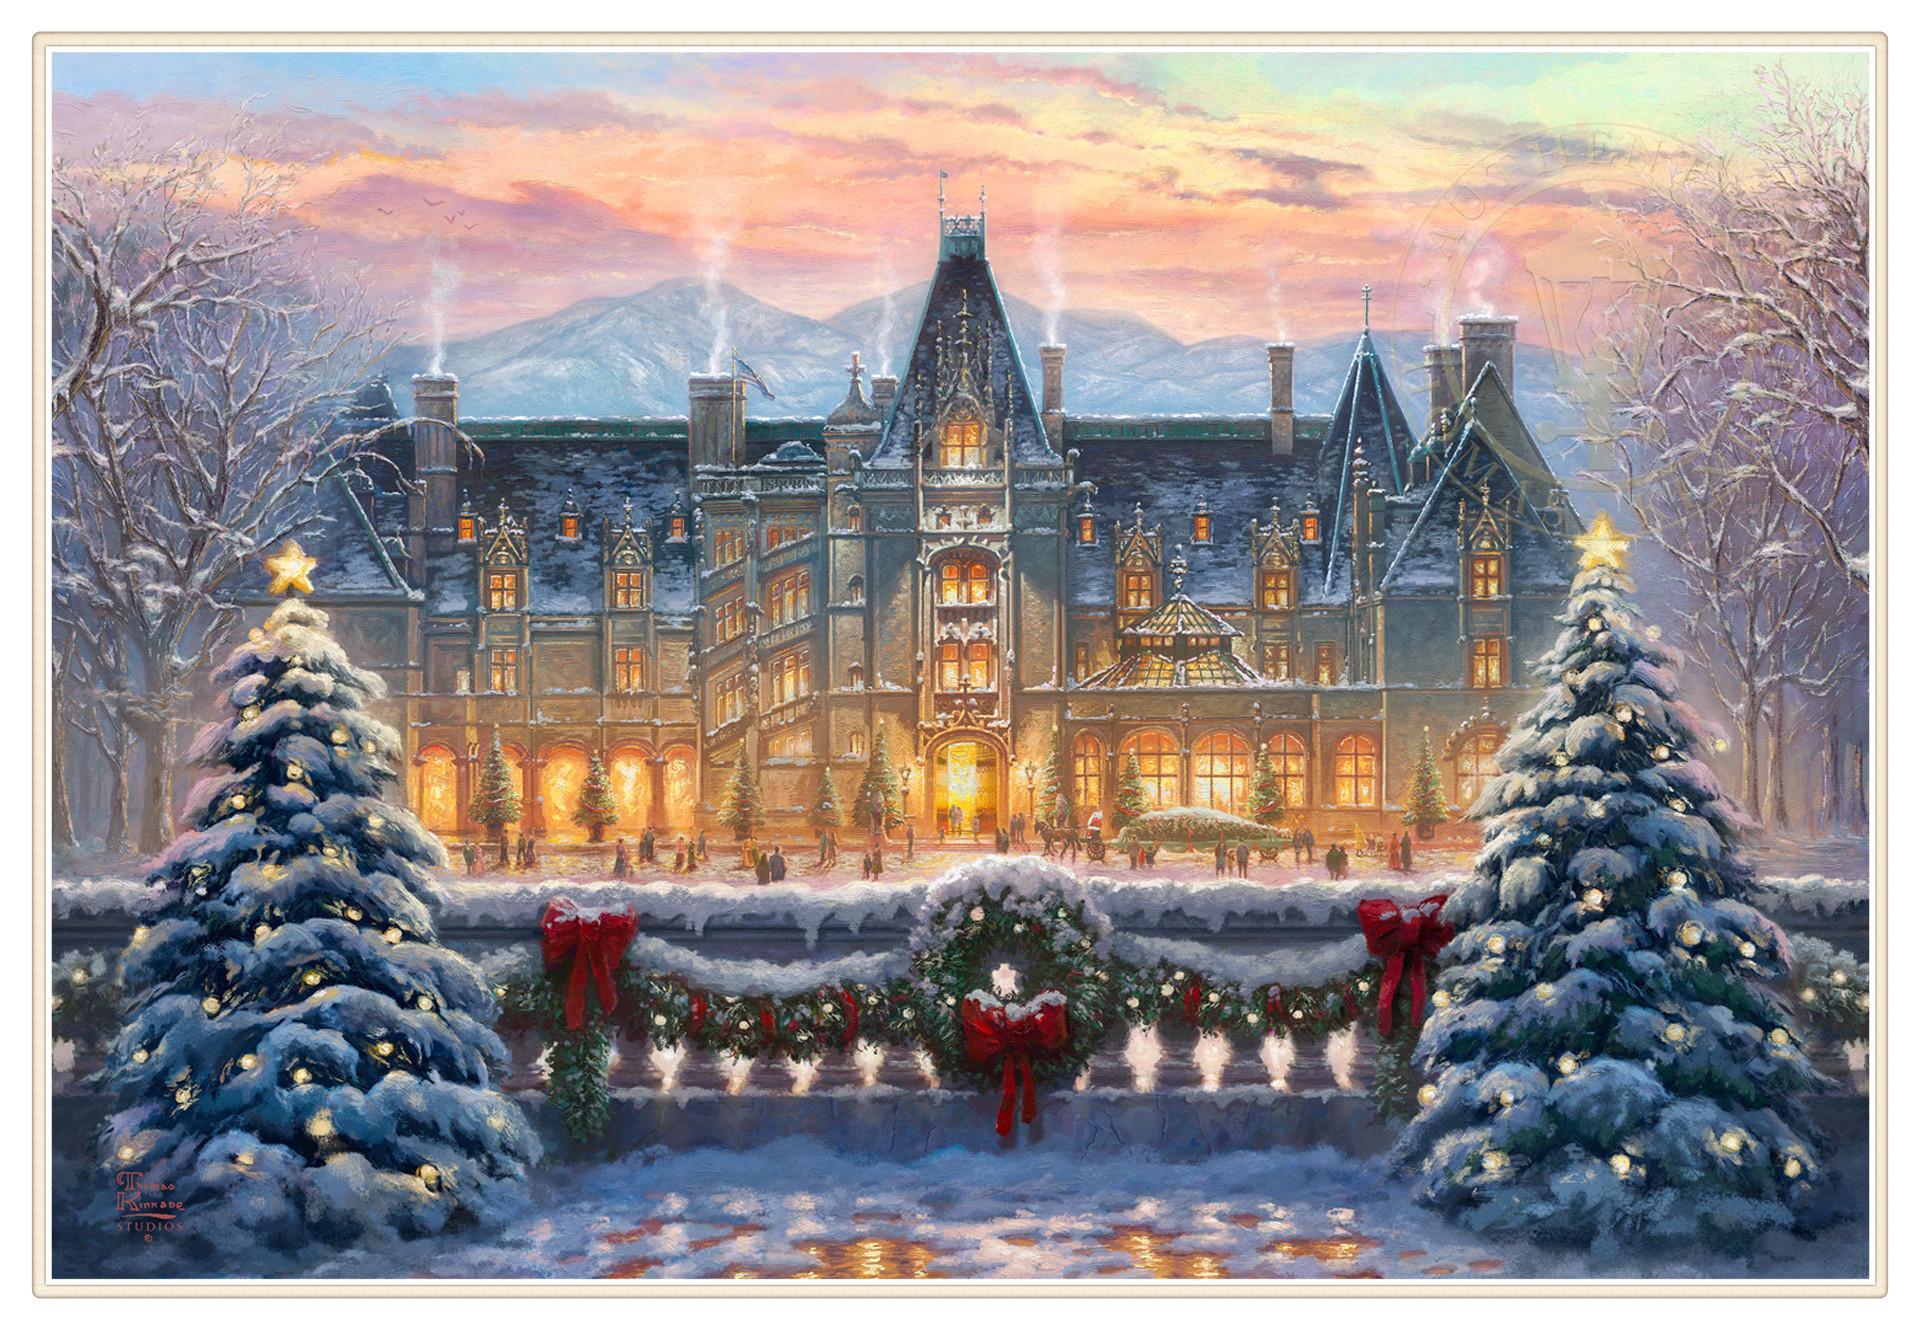 Weihnachten Hd Bilder.Weihnachten Home Decor Hd Gedruckt Moderne Kunst Malerei Auf Leinwand Ungerahmt Gerahmt